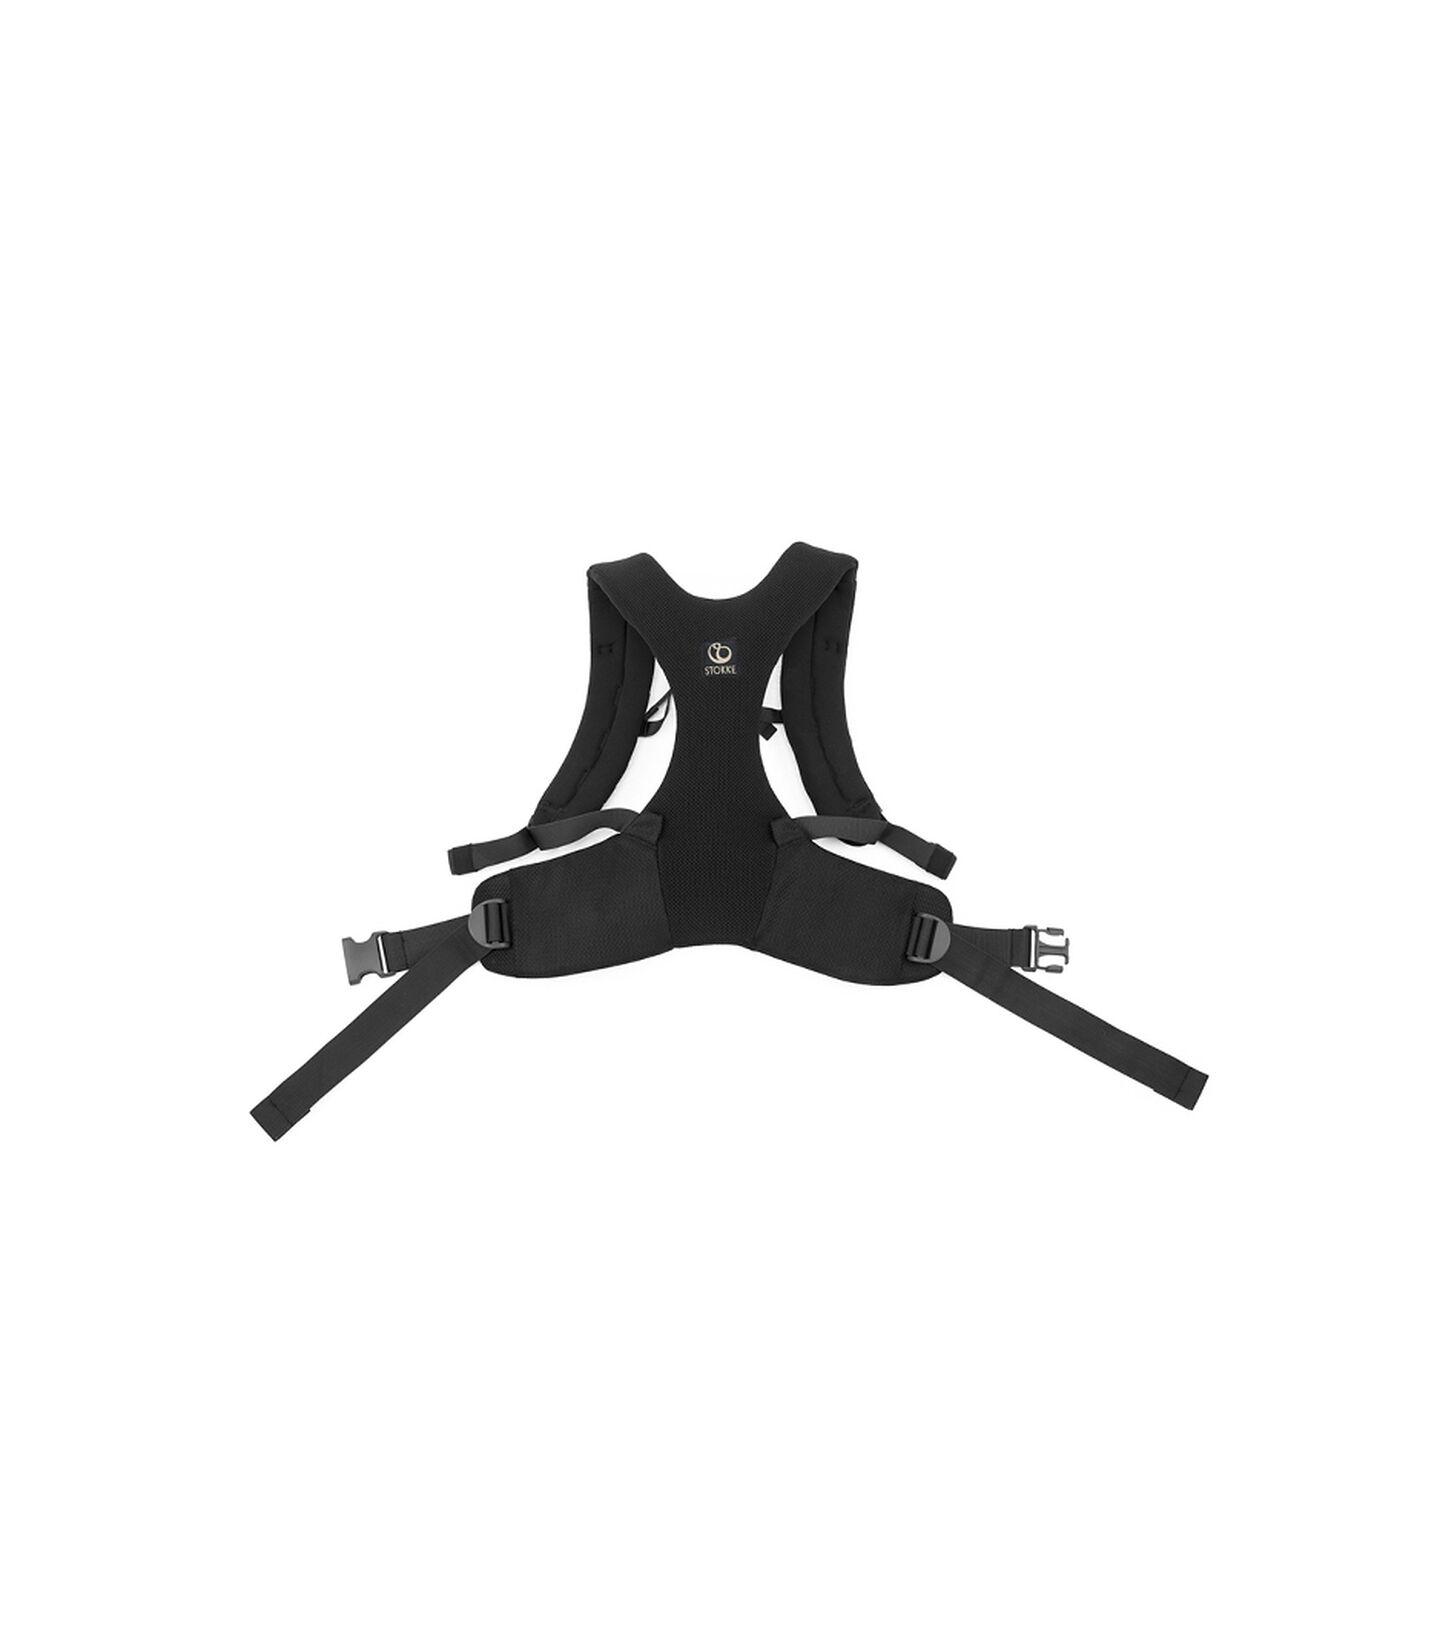 Stokke® MyCarrier™ Harness, Black Mesh.